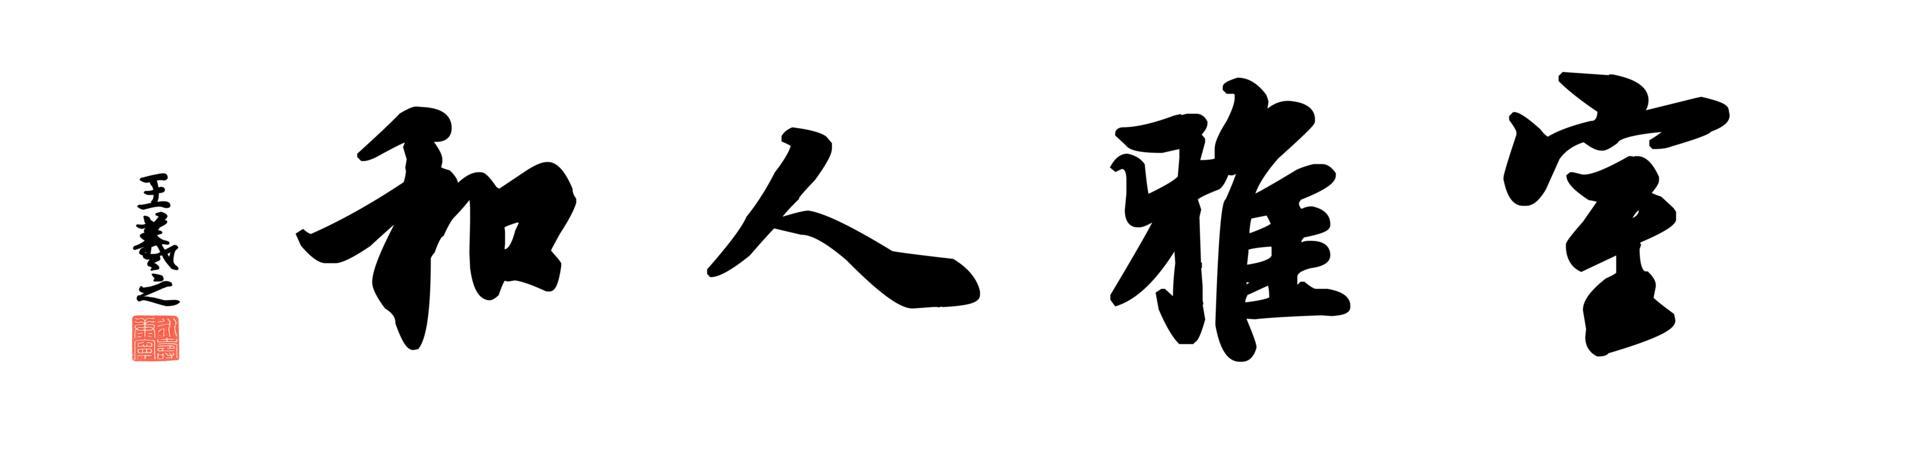 0165_王羲之兰亭体数字书法-四字横幅室雅人和136x33cm_21417x5197PX_TIF_400DPI_326_0